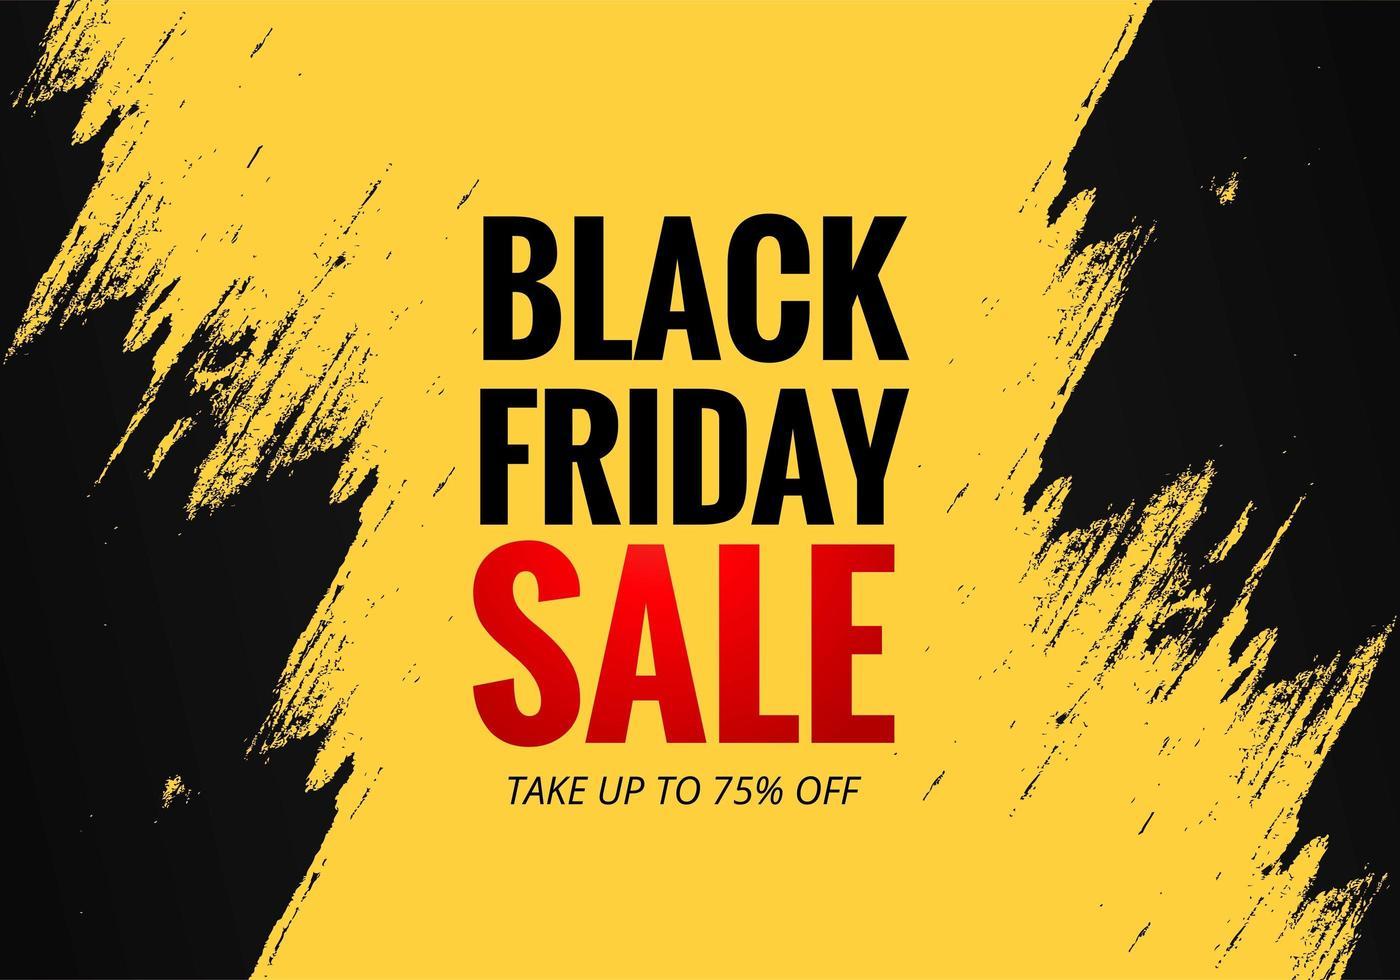 fond d'affiche de vente concept vendredi noir vecteur